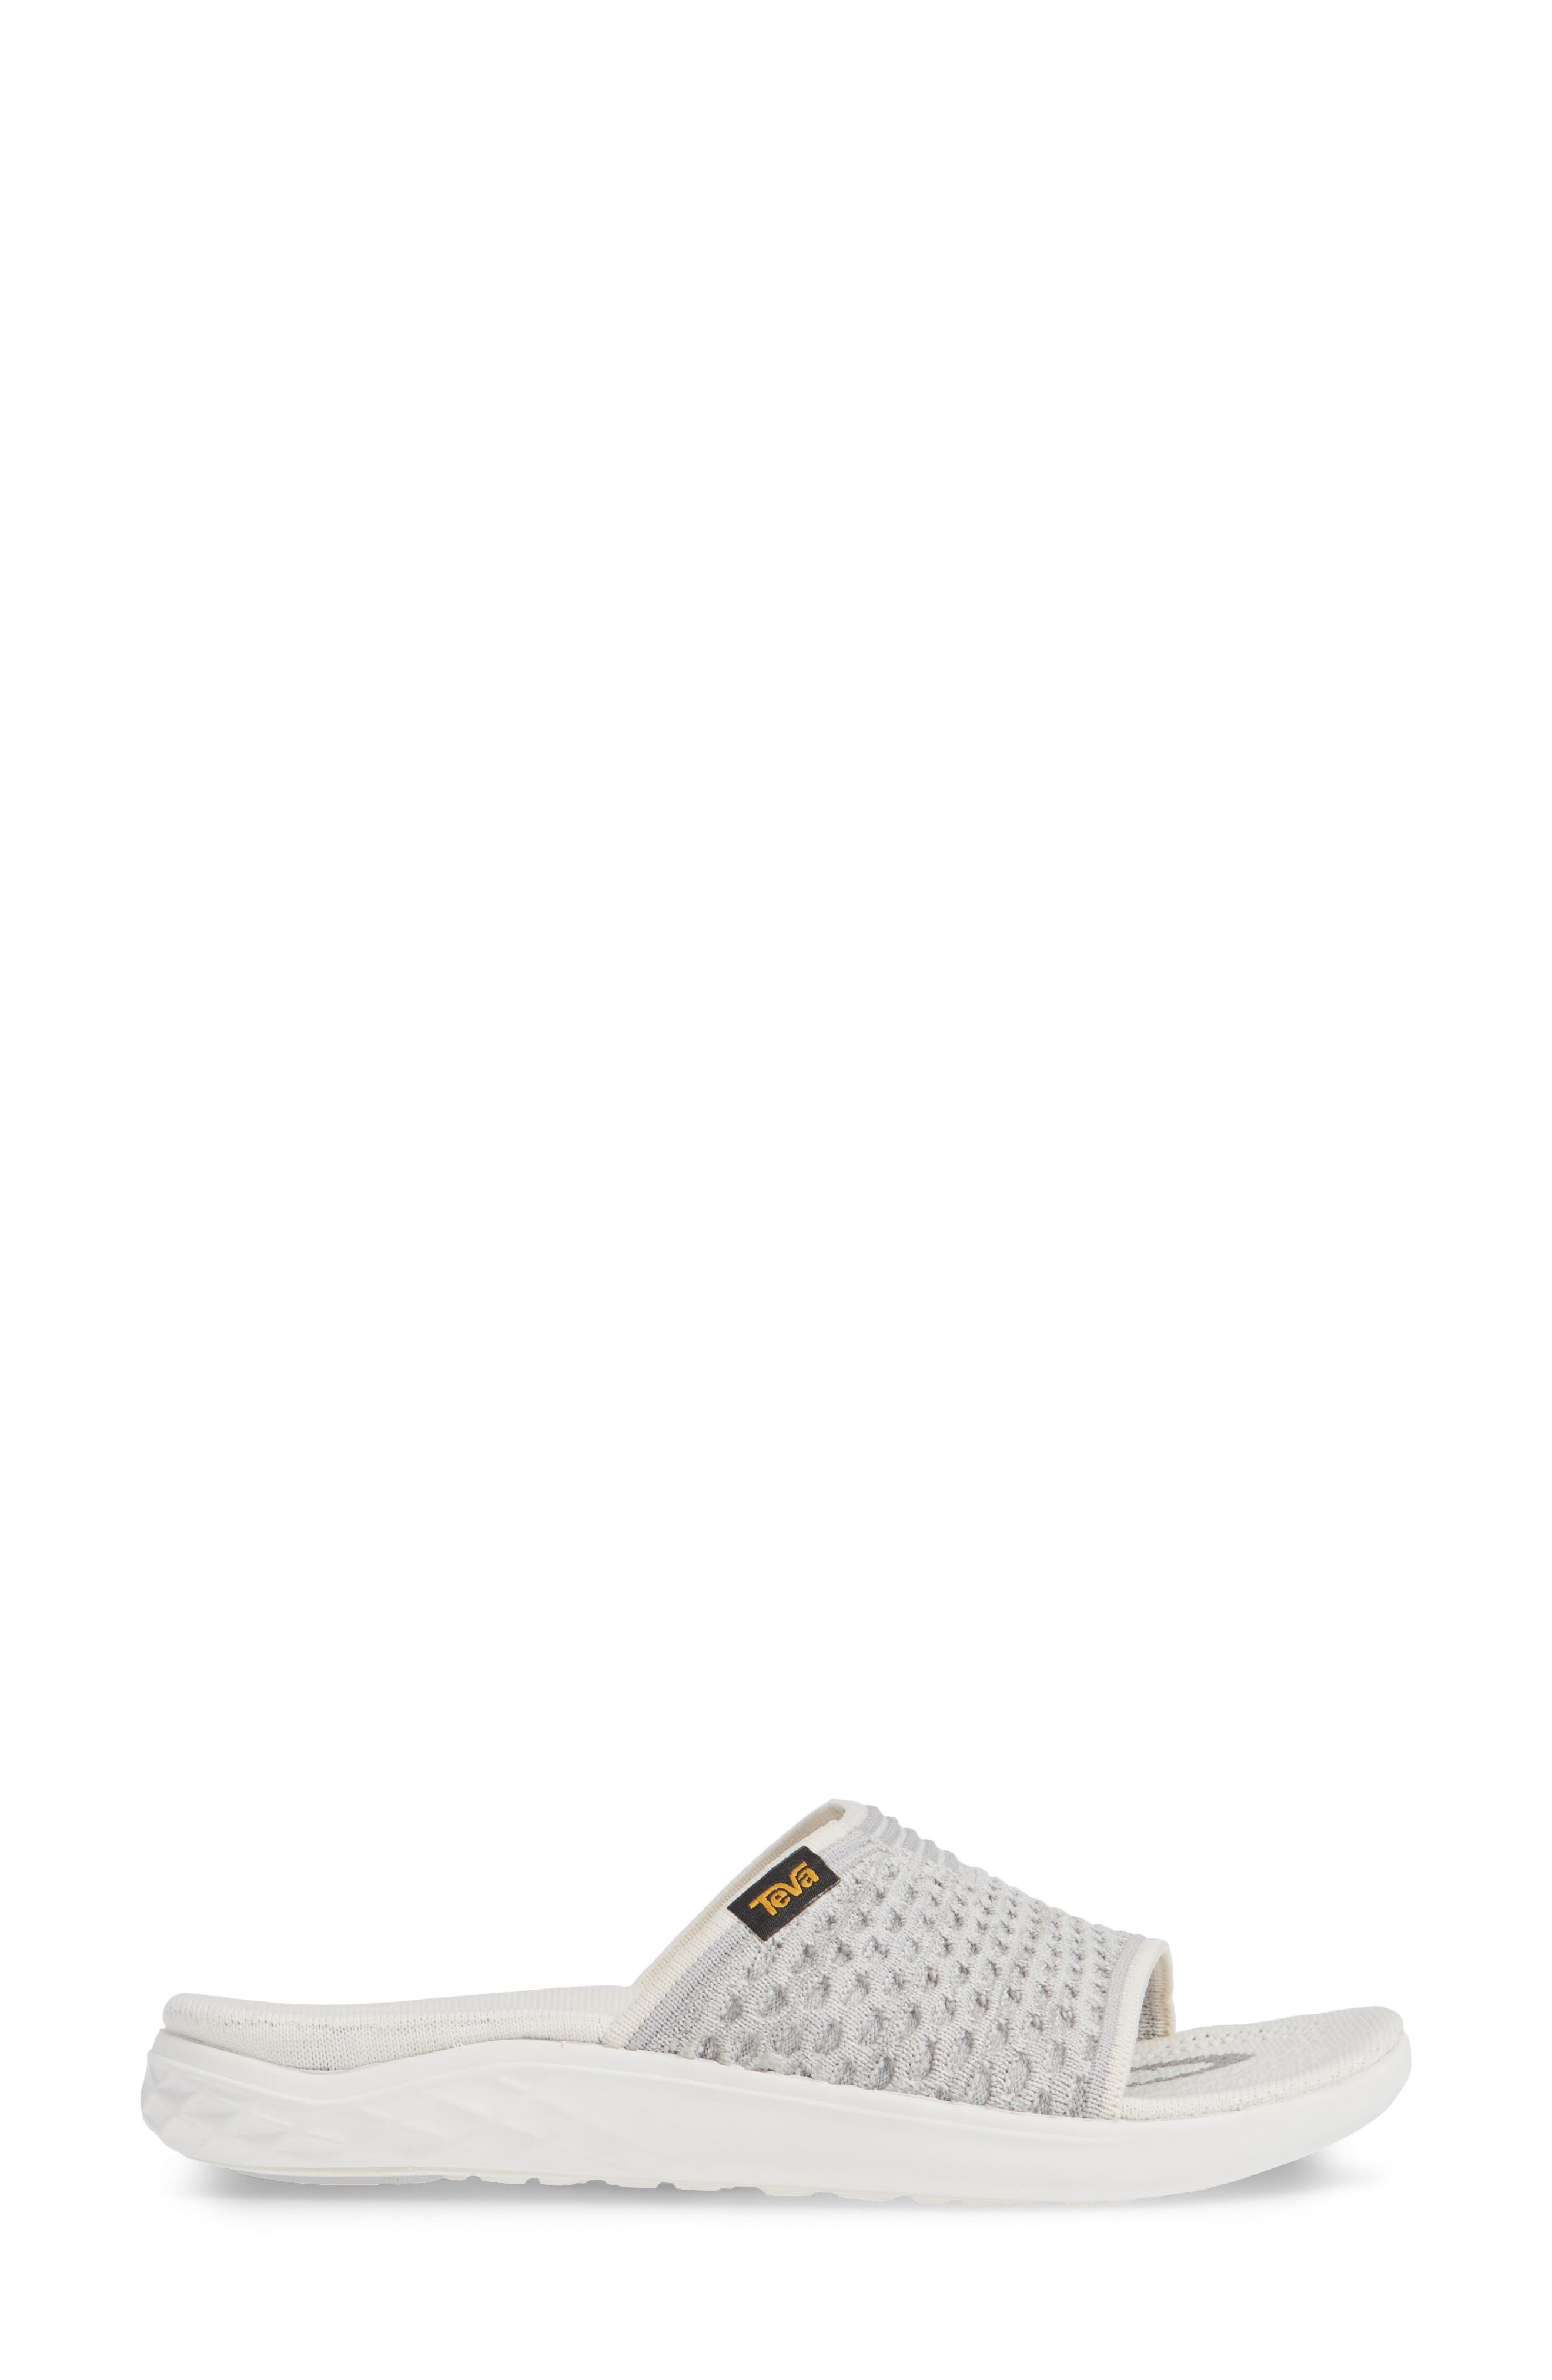 Terra Float 2 Knit Slide Sandal,                             Alternate thumbnail 3, color,                             BRIGHT WHITE FABRIC